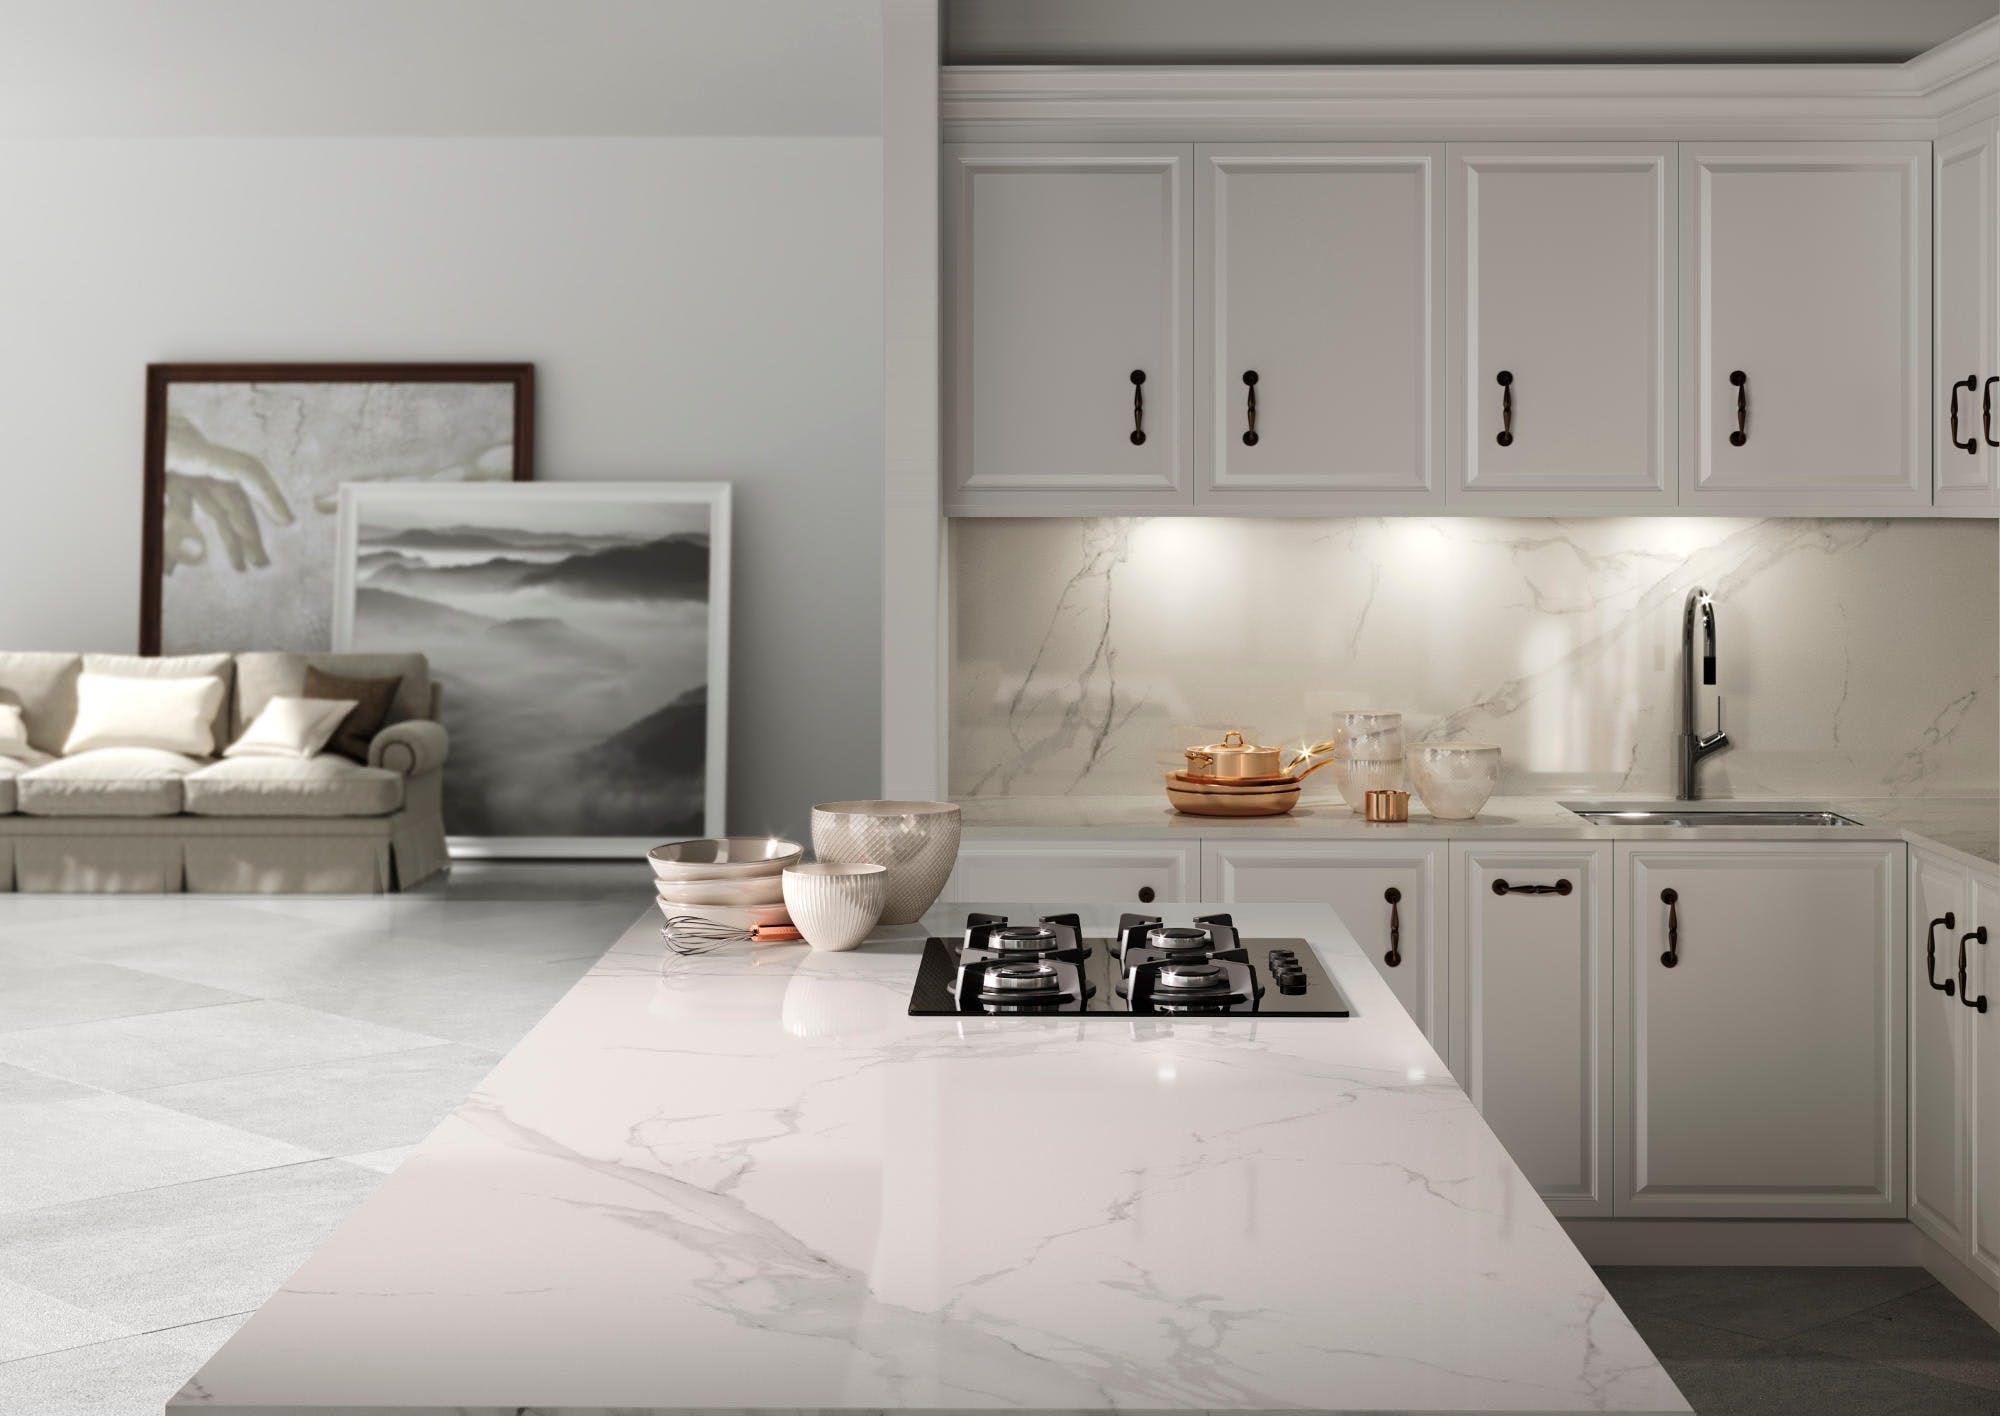 Image of Dekton Kitchen HD Natura 2 5 1 in The Top 7 Kitchen Makeover Trends - Cosentino